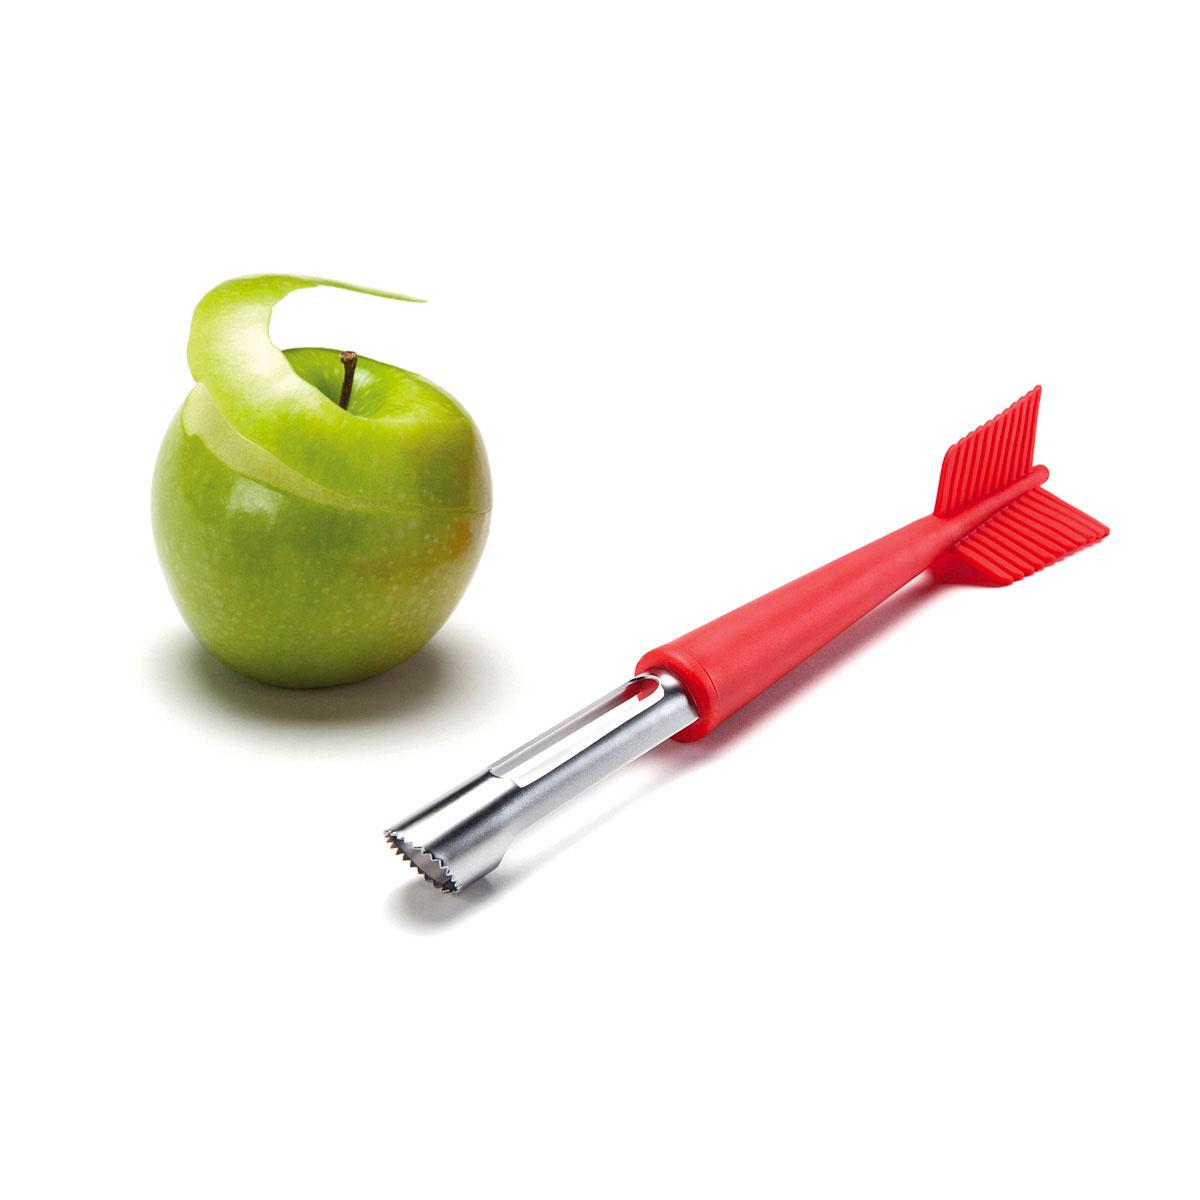 Schäler  Apple Shot - Schäler und Entkerner Pfeil kaufen – corpus delicti ...